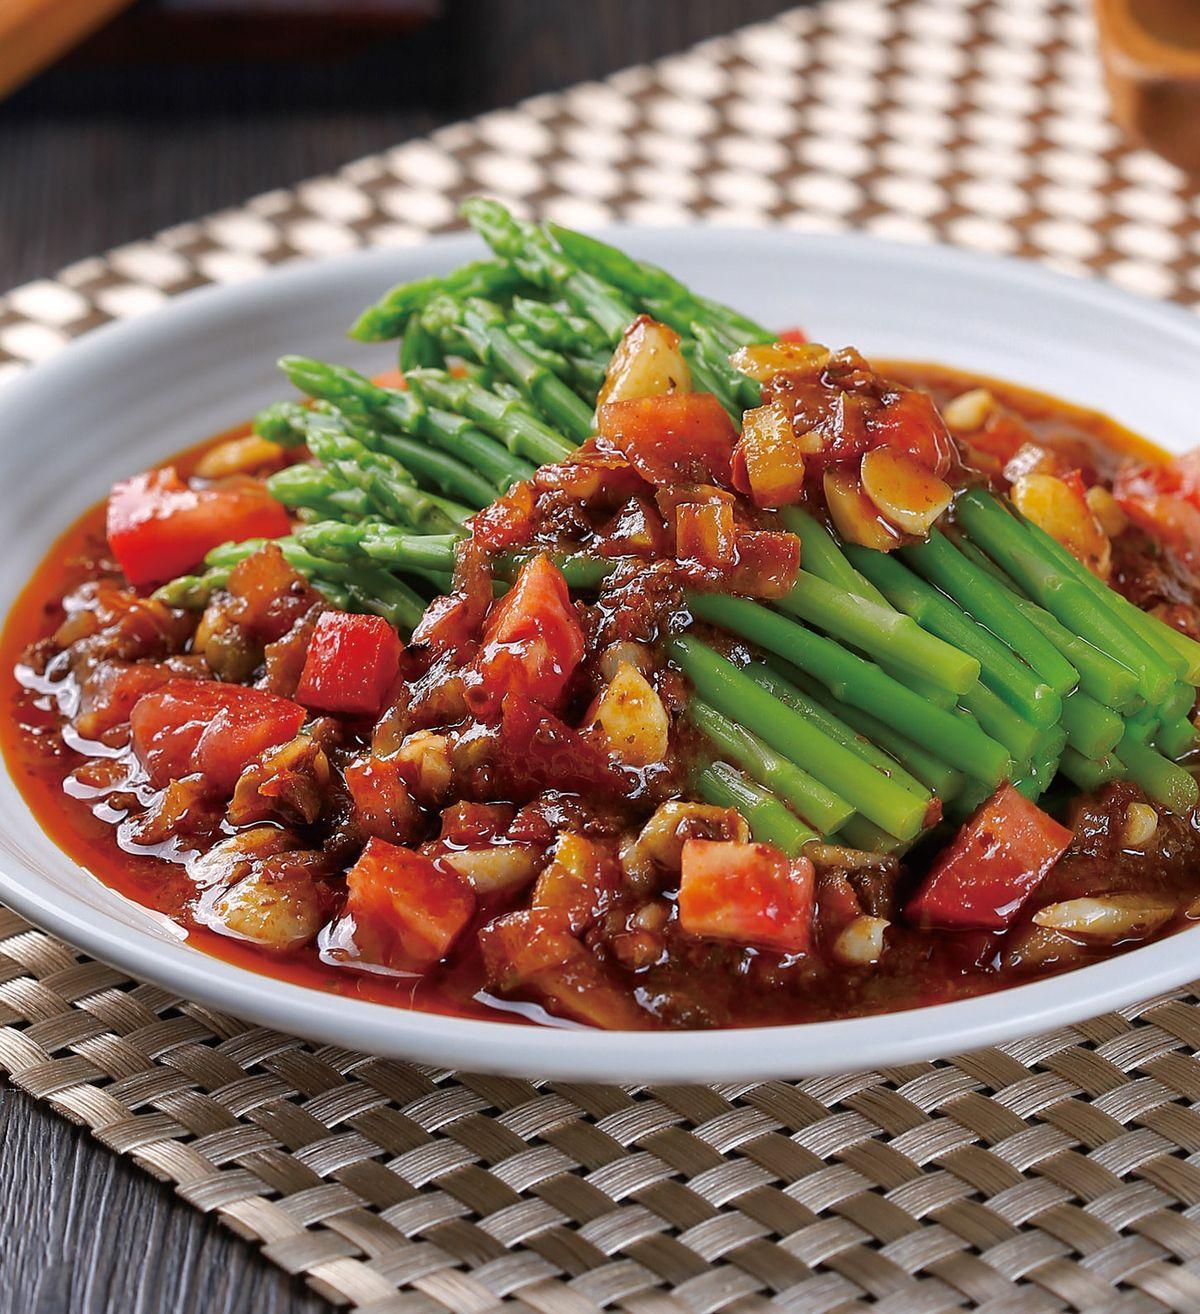 食譜:泰式番茄蘆筍